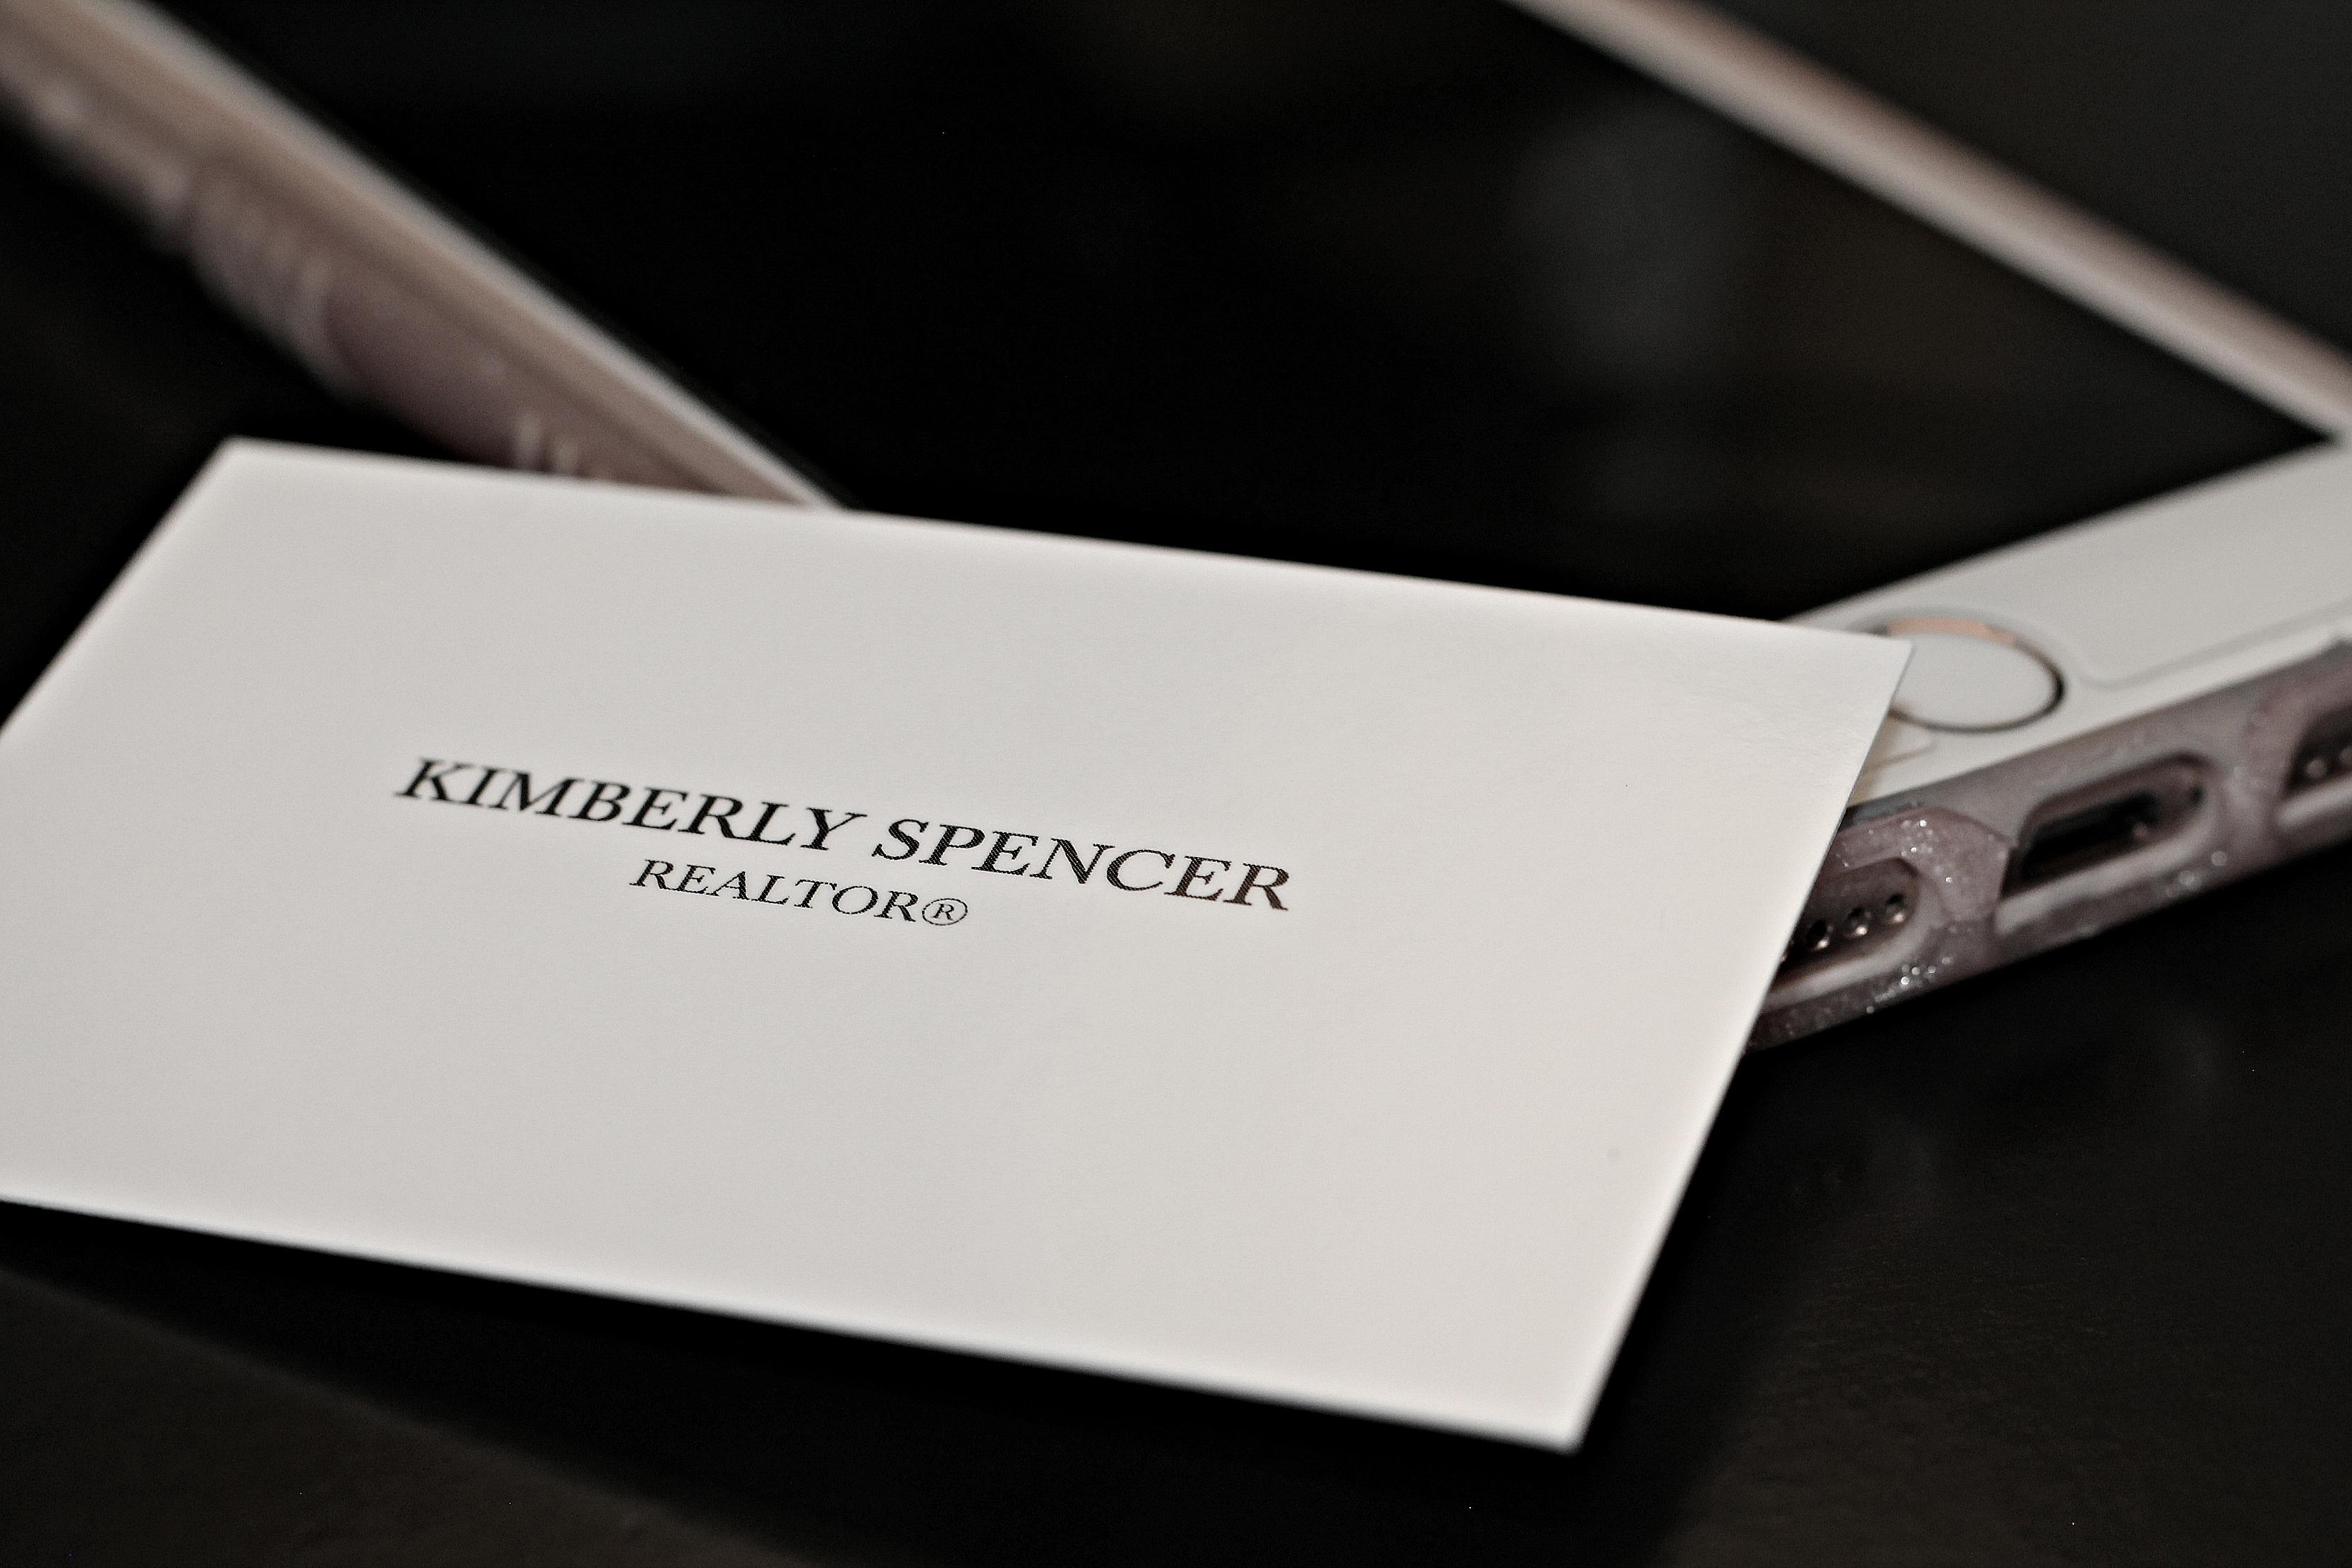 Contact Kimberly Spencer